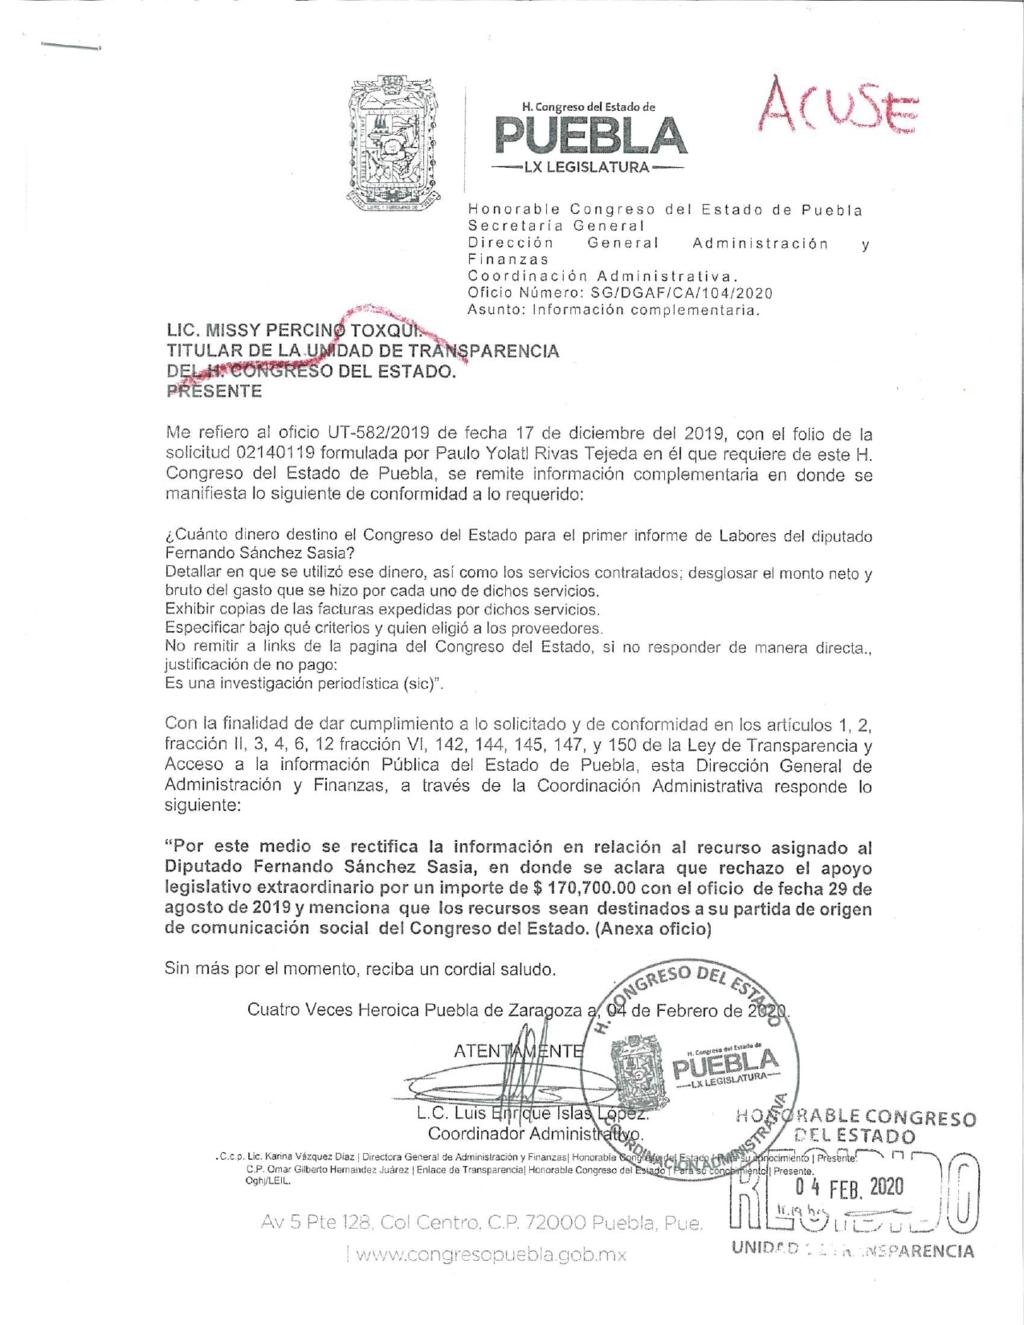 Diputado Sánchez rechaza 170 mp de apoyo para informe de actividades